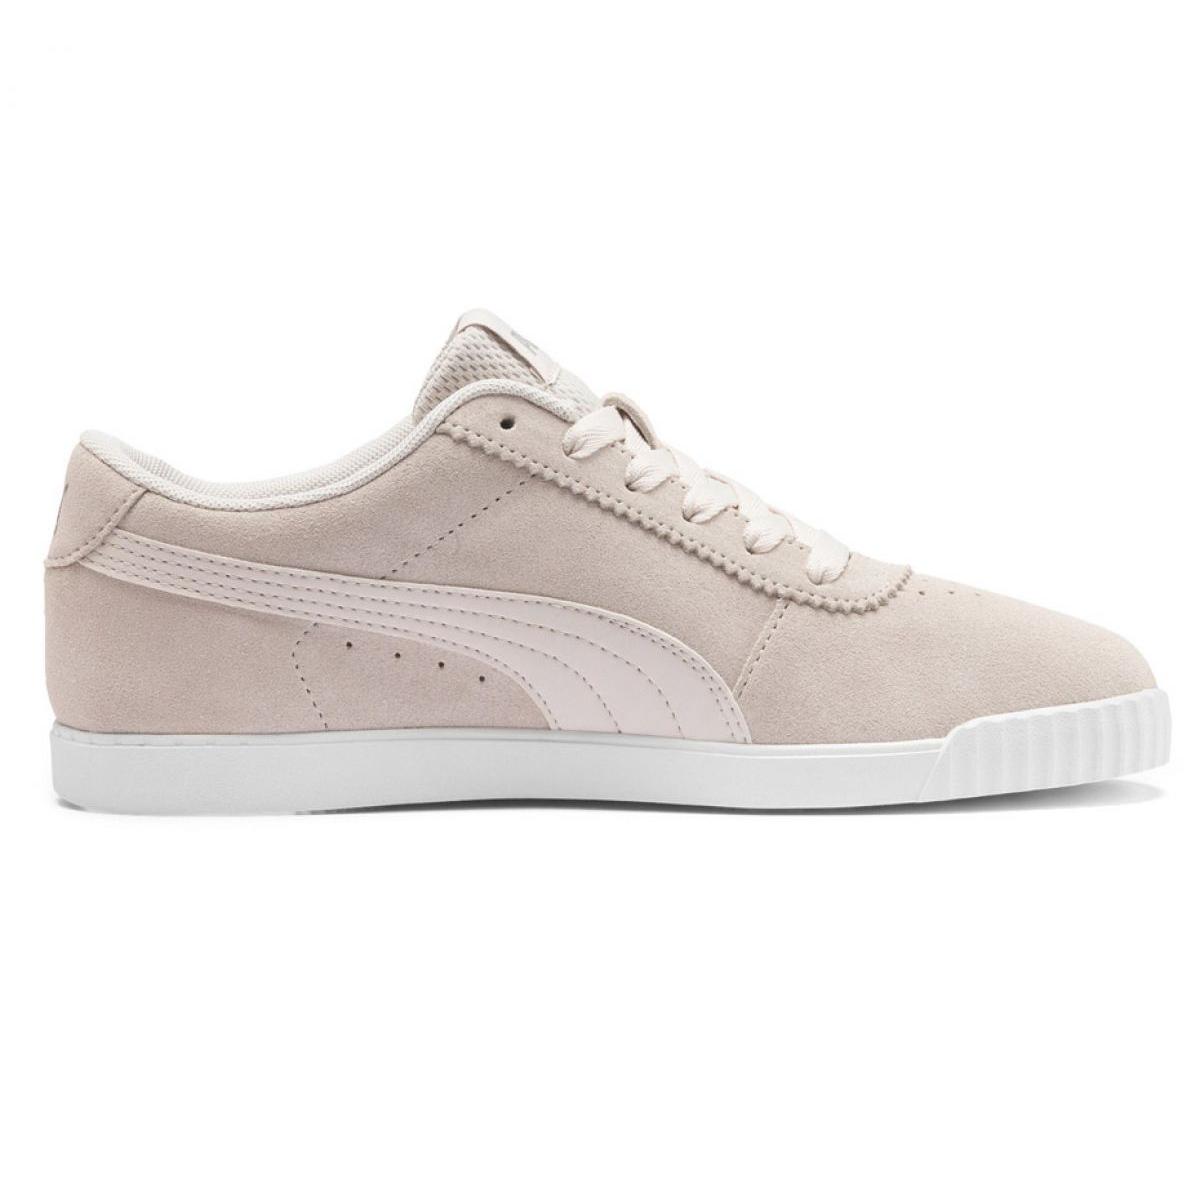 Braun Schuhe Puma Carina Slim Sd W 370549 02 beige